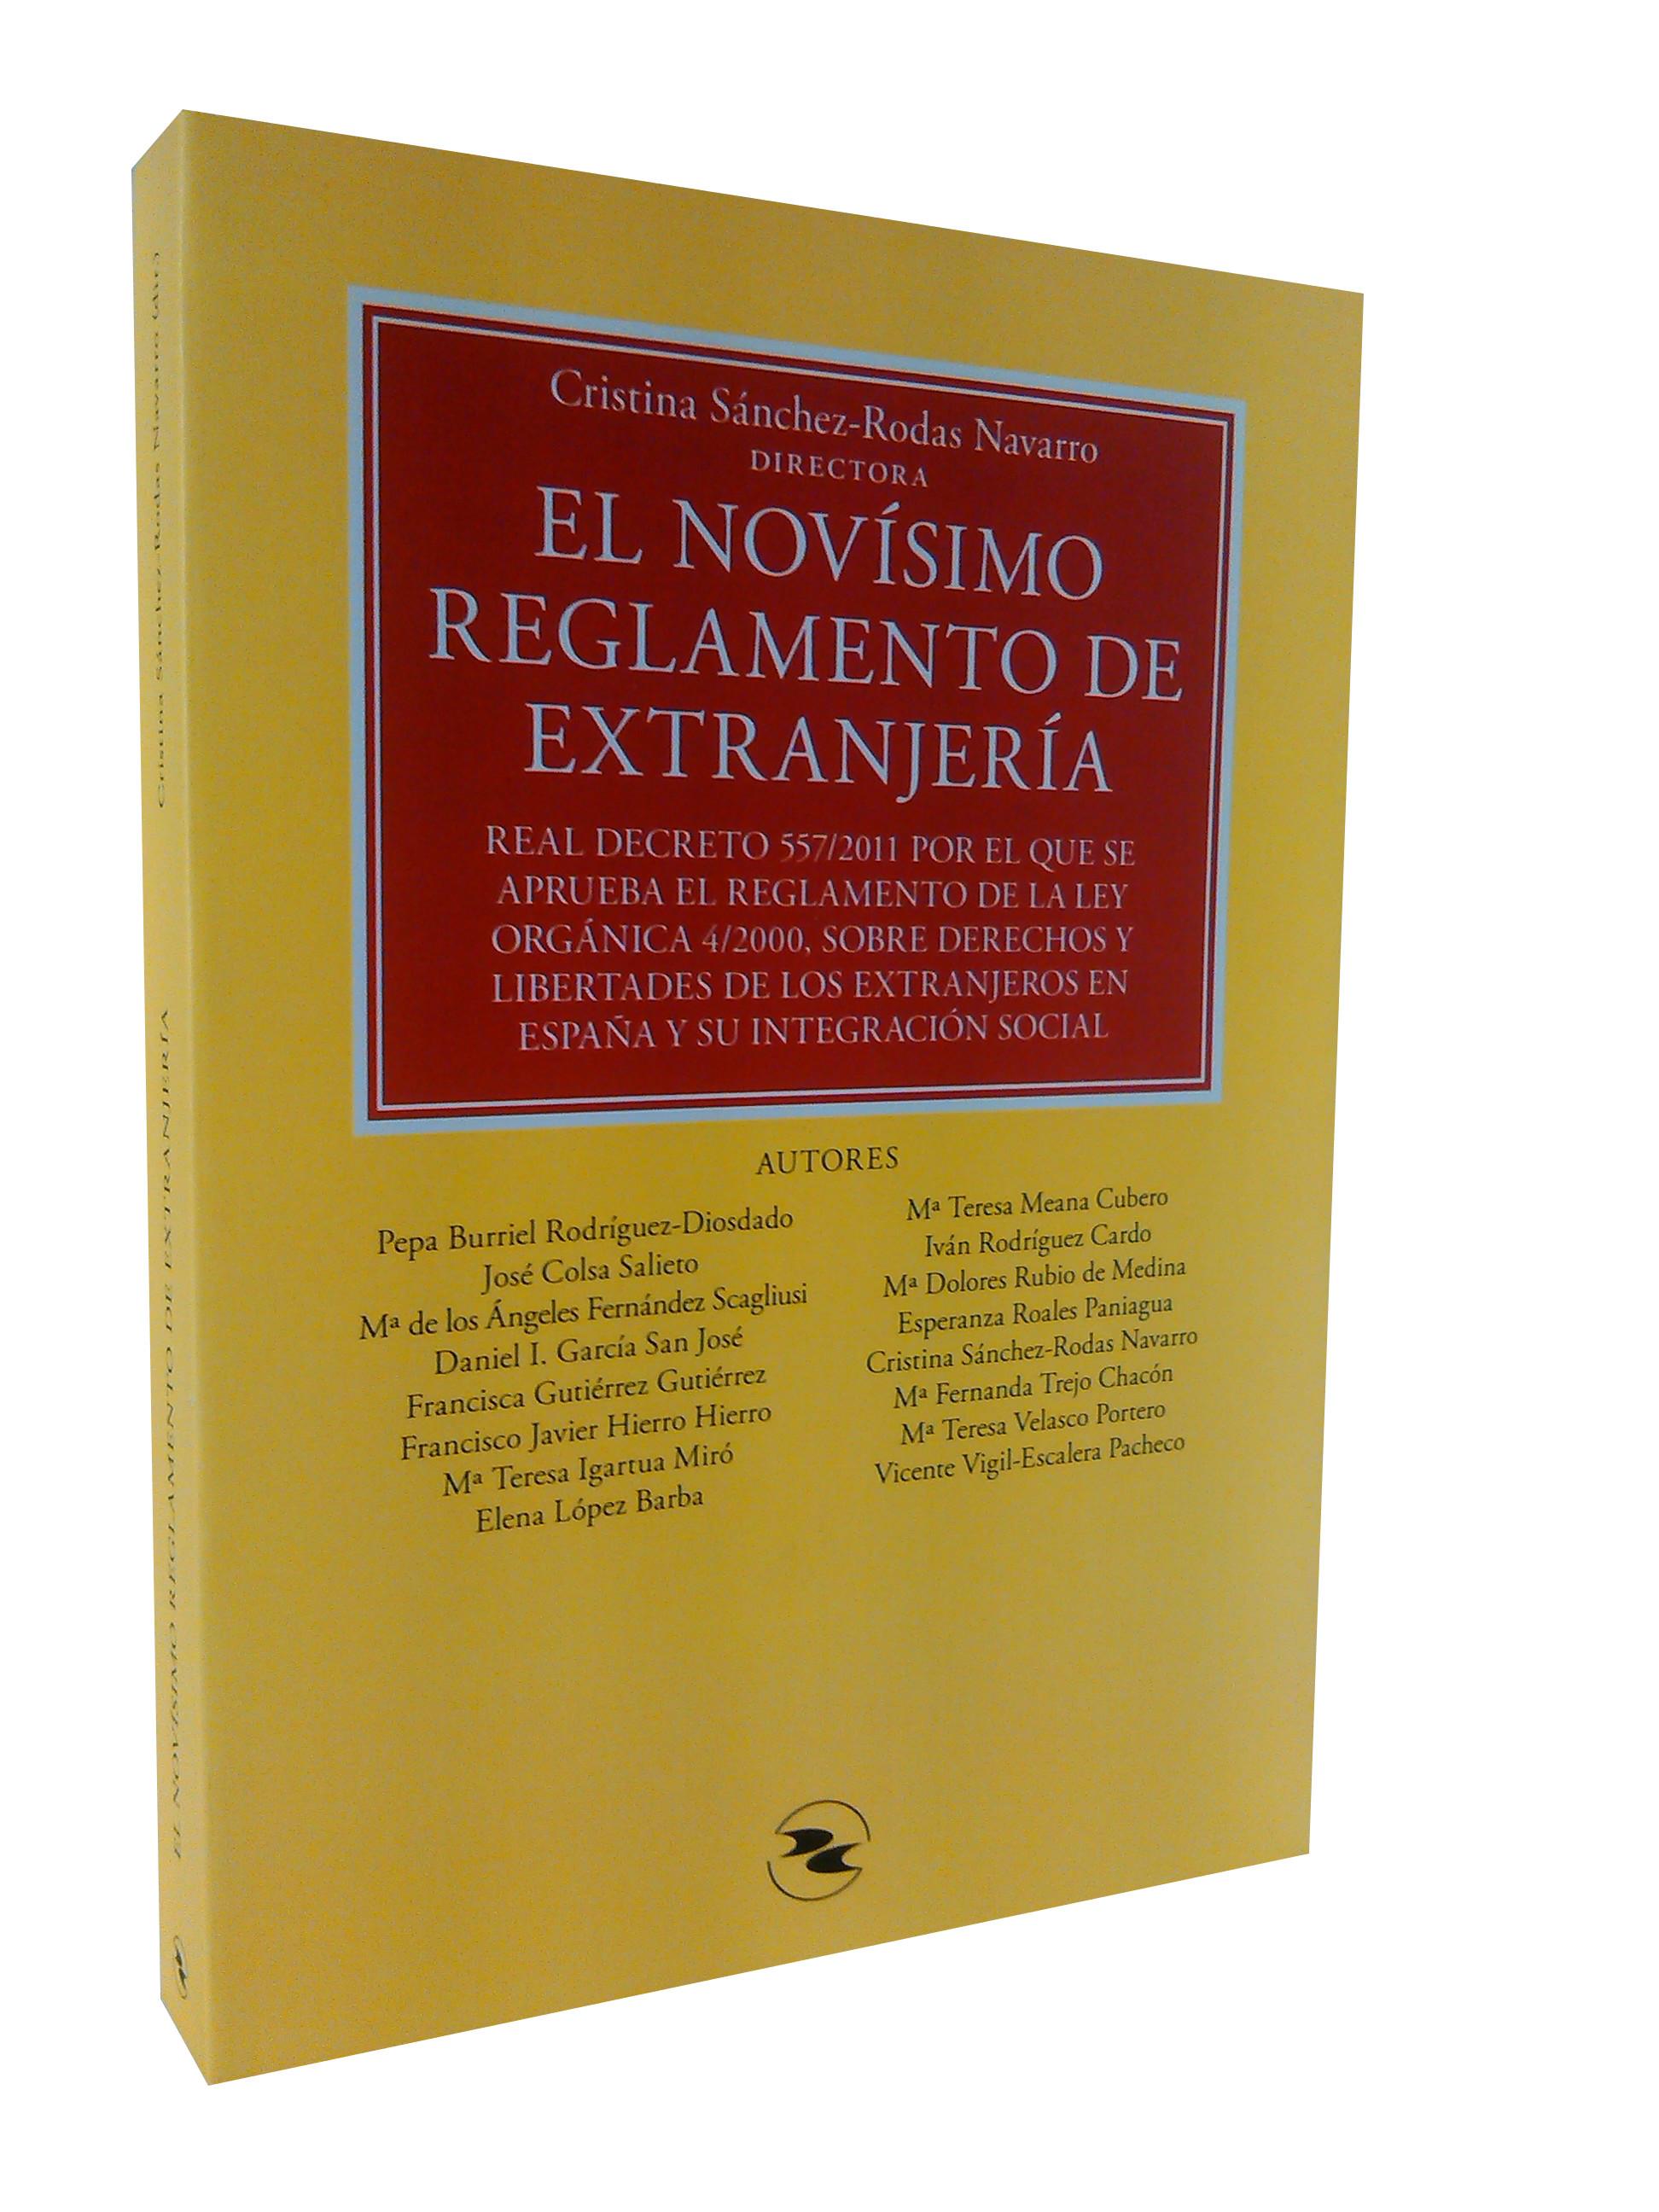 El novísimo reglamento de extranjería